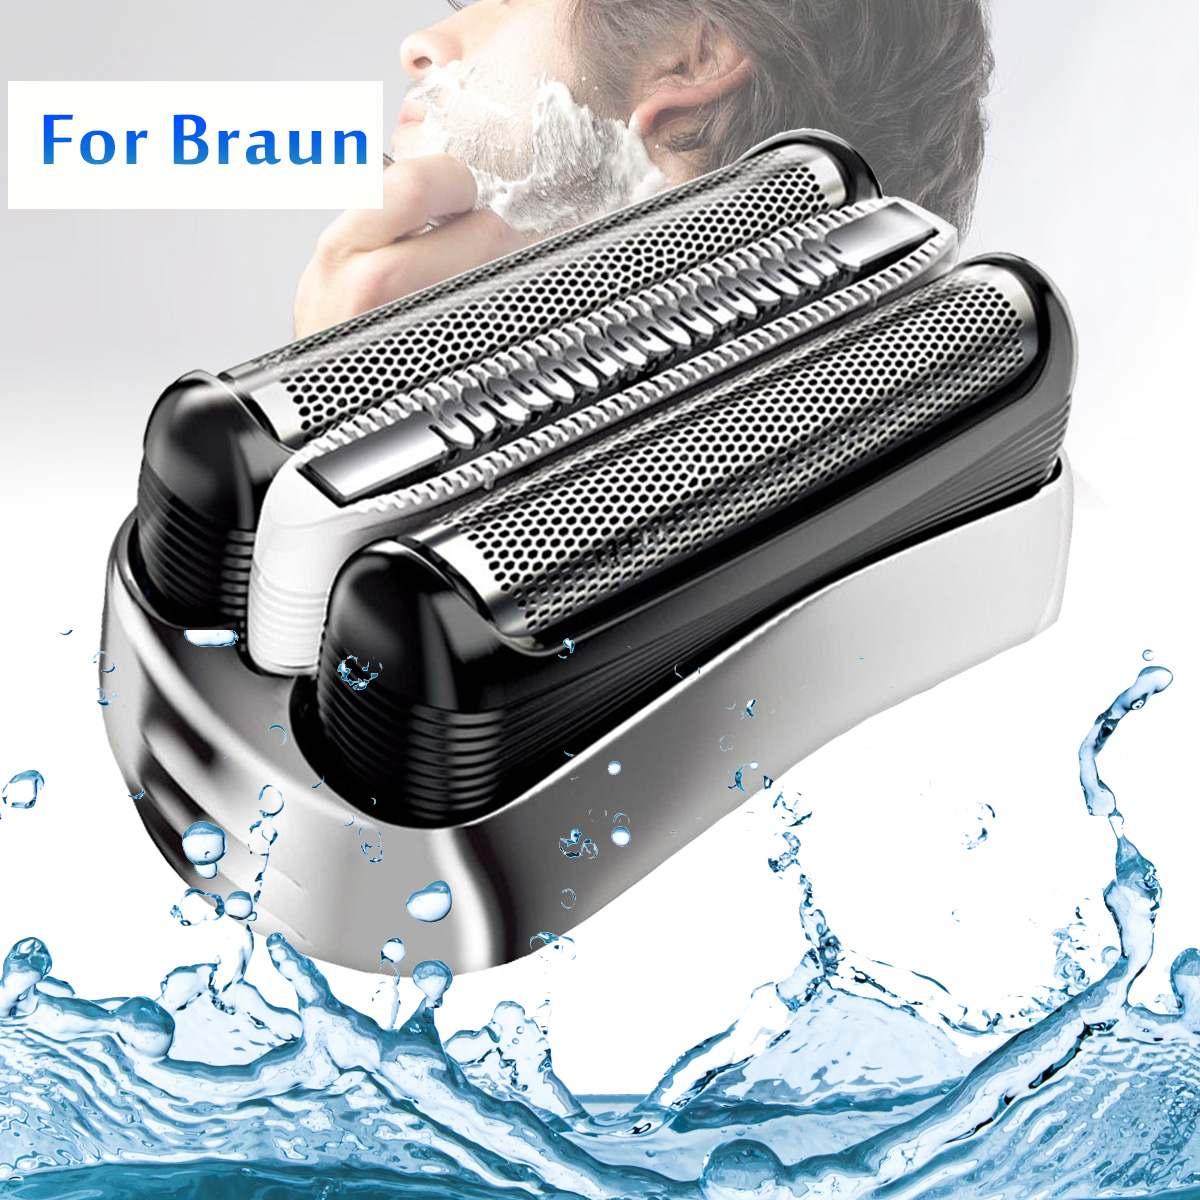 Replacement Shaver Foil Head for Braun Series 3 32S 3070 3080S 3020 350 340 320 Cruzer6 350CC 370CC Razor Male Shaver Head FoilReplacement Shaver Foil Head for Braun Series 3 32S 3070 3080S 3020 350 340 320 Cruzer6 350CC 370CC Razor Male Shaver Head Foil